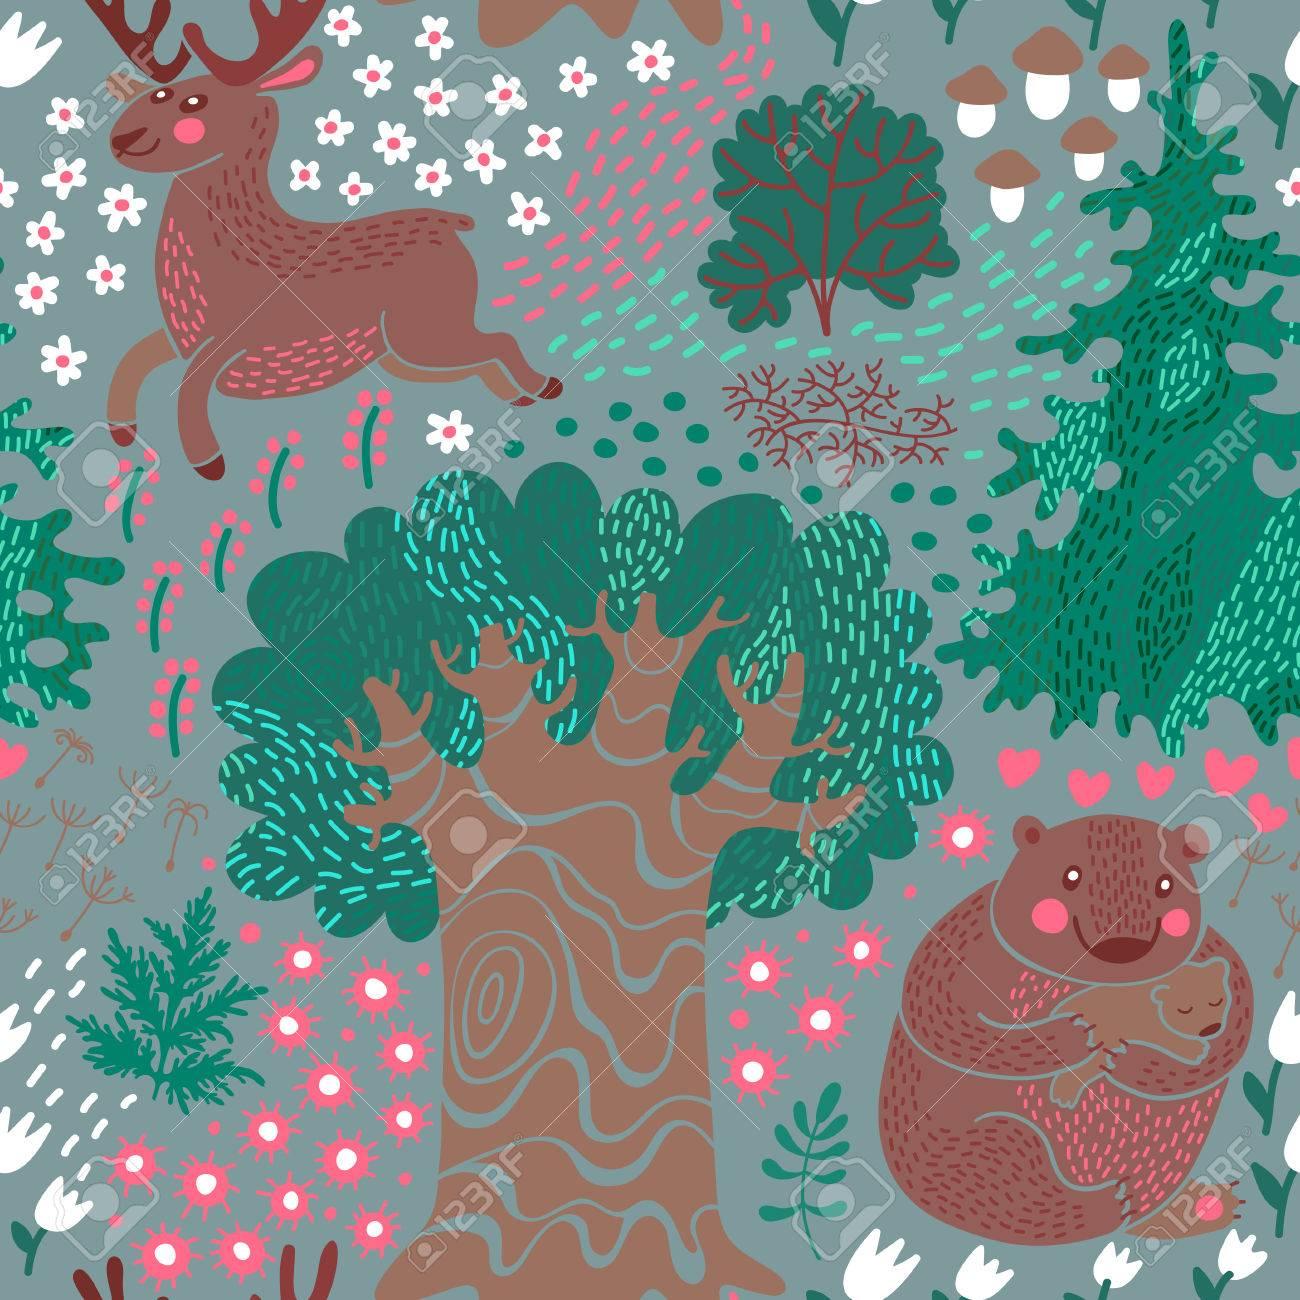 シカとのシームレスなパターン森の中でクマに最適な子供 S の部屋の